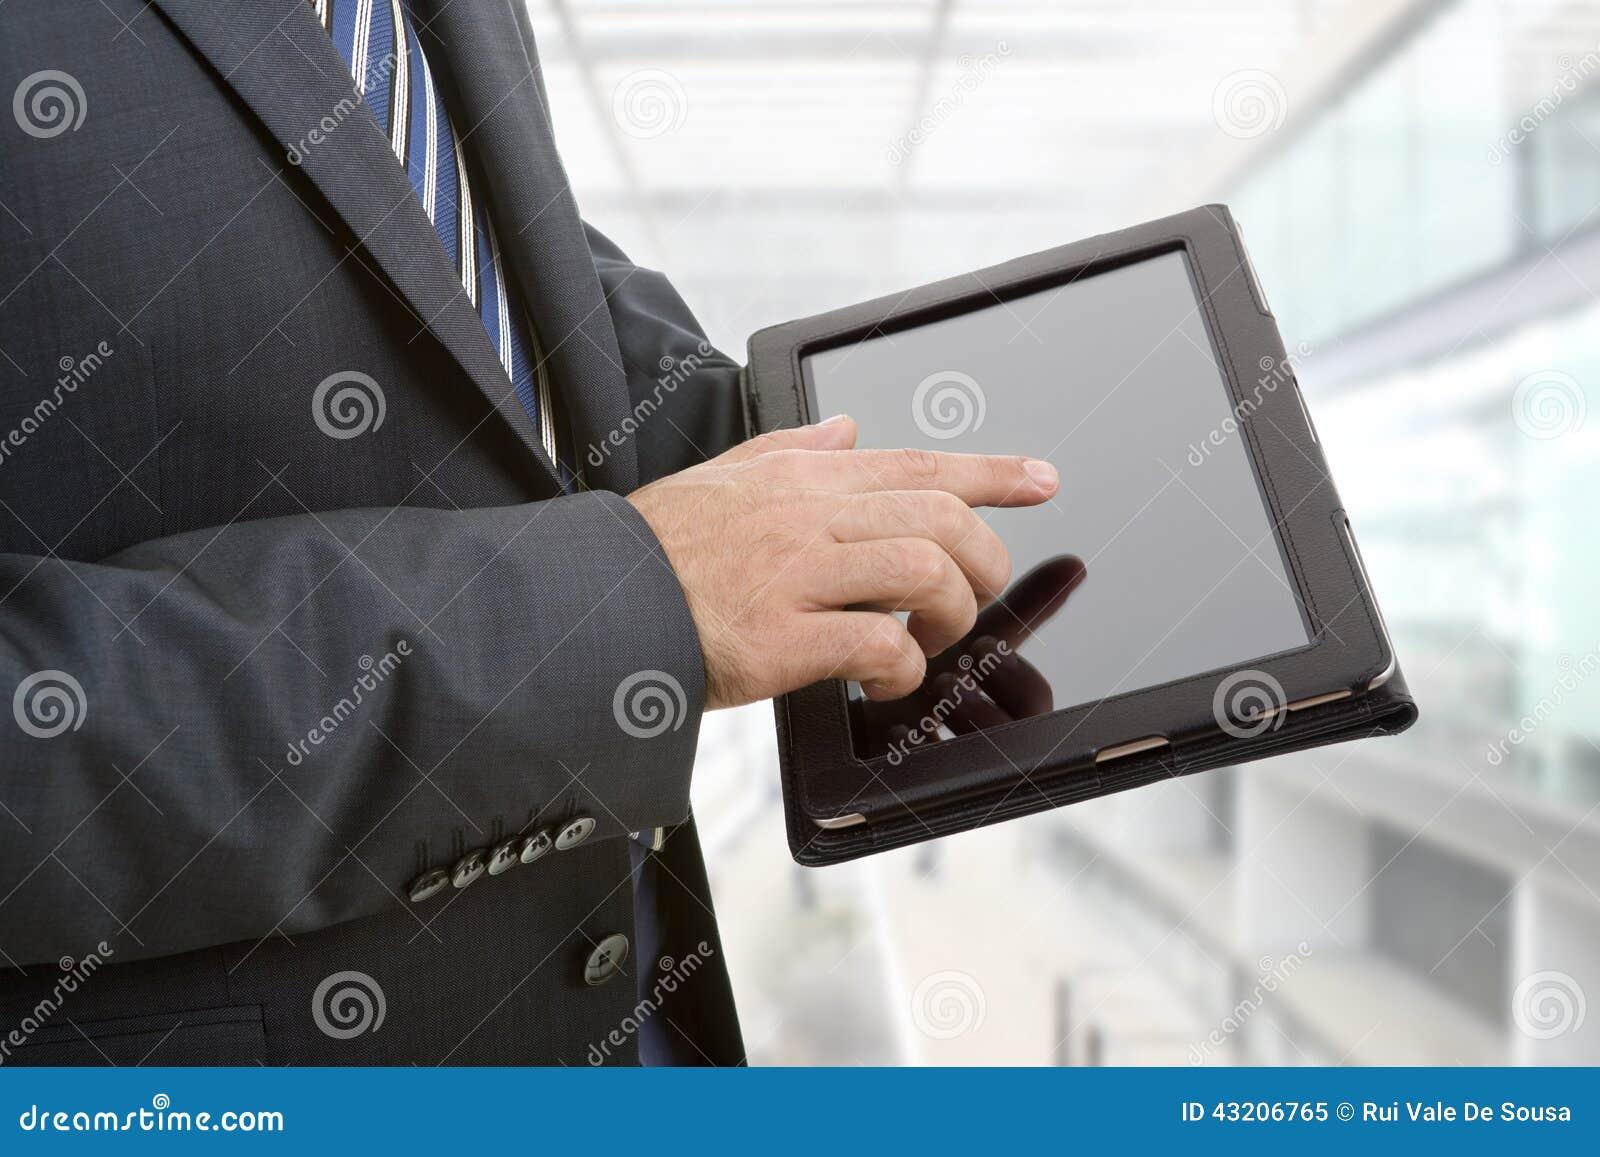 Download Pilar Kan Ta Bort Tycker Om, Om Den Separata LagerbehovsPCen Tablet Dem Dig Fotografering för Bildbyråer - Bild av manlig, affär: 43206765